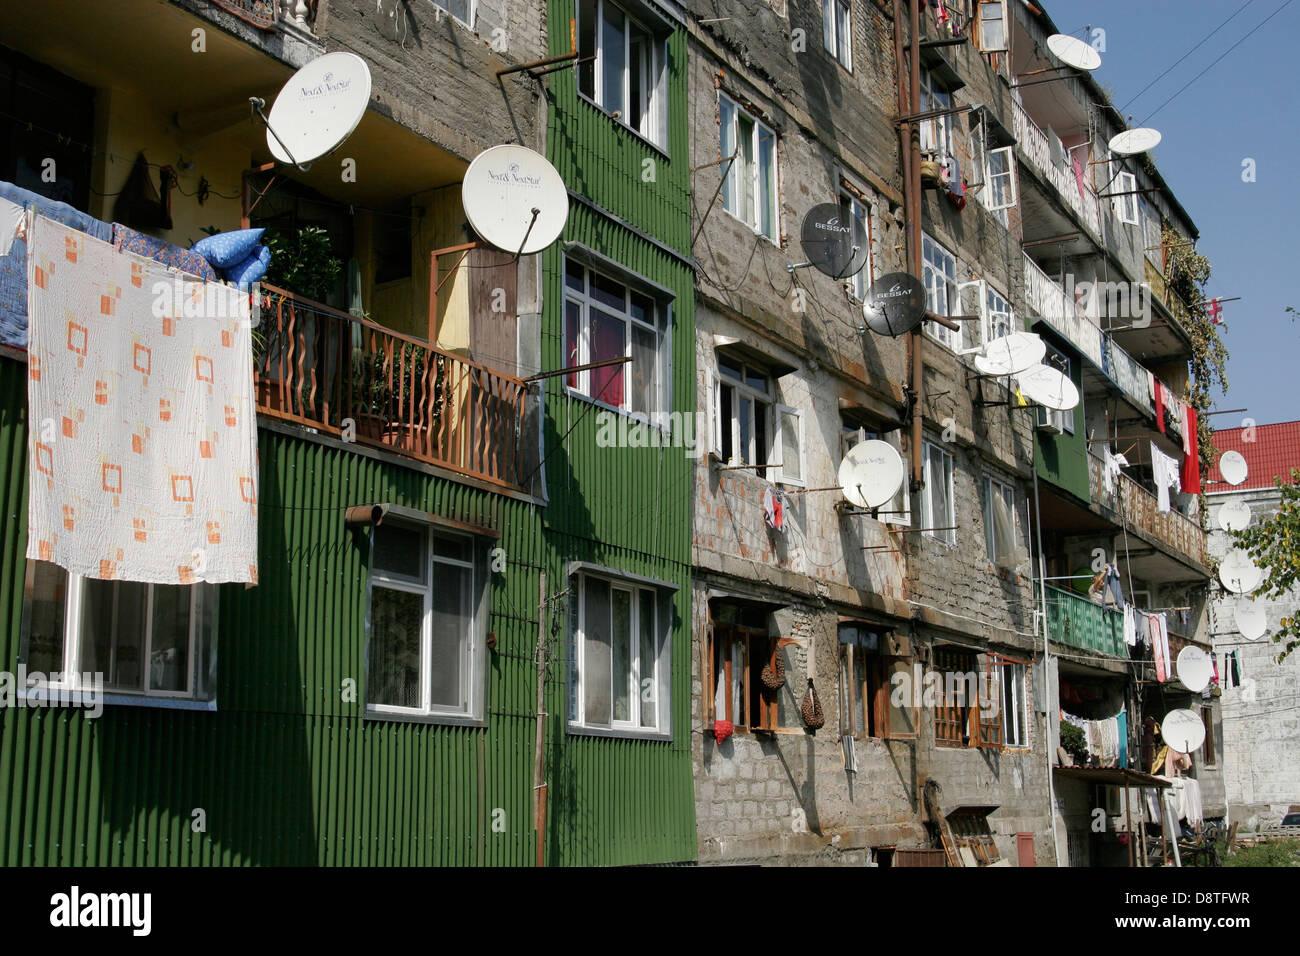 Satellite dishes on the multistory building in Batumi, Georgia, Caucasus region - Stock Image